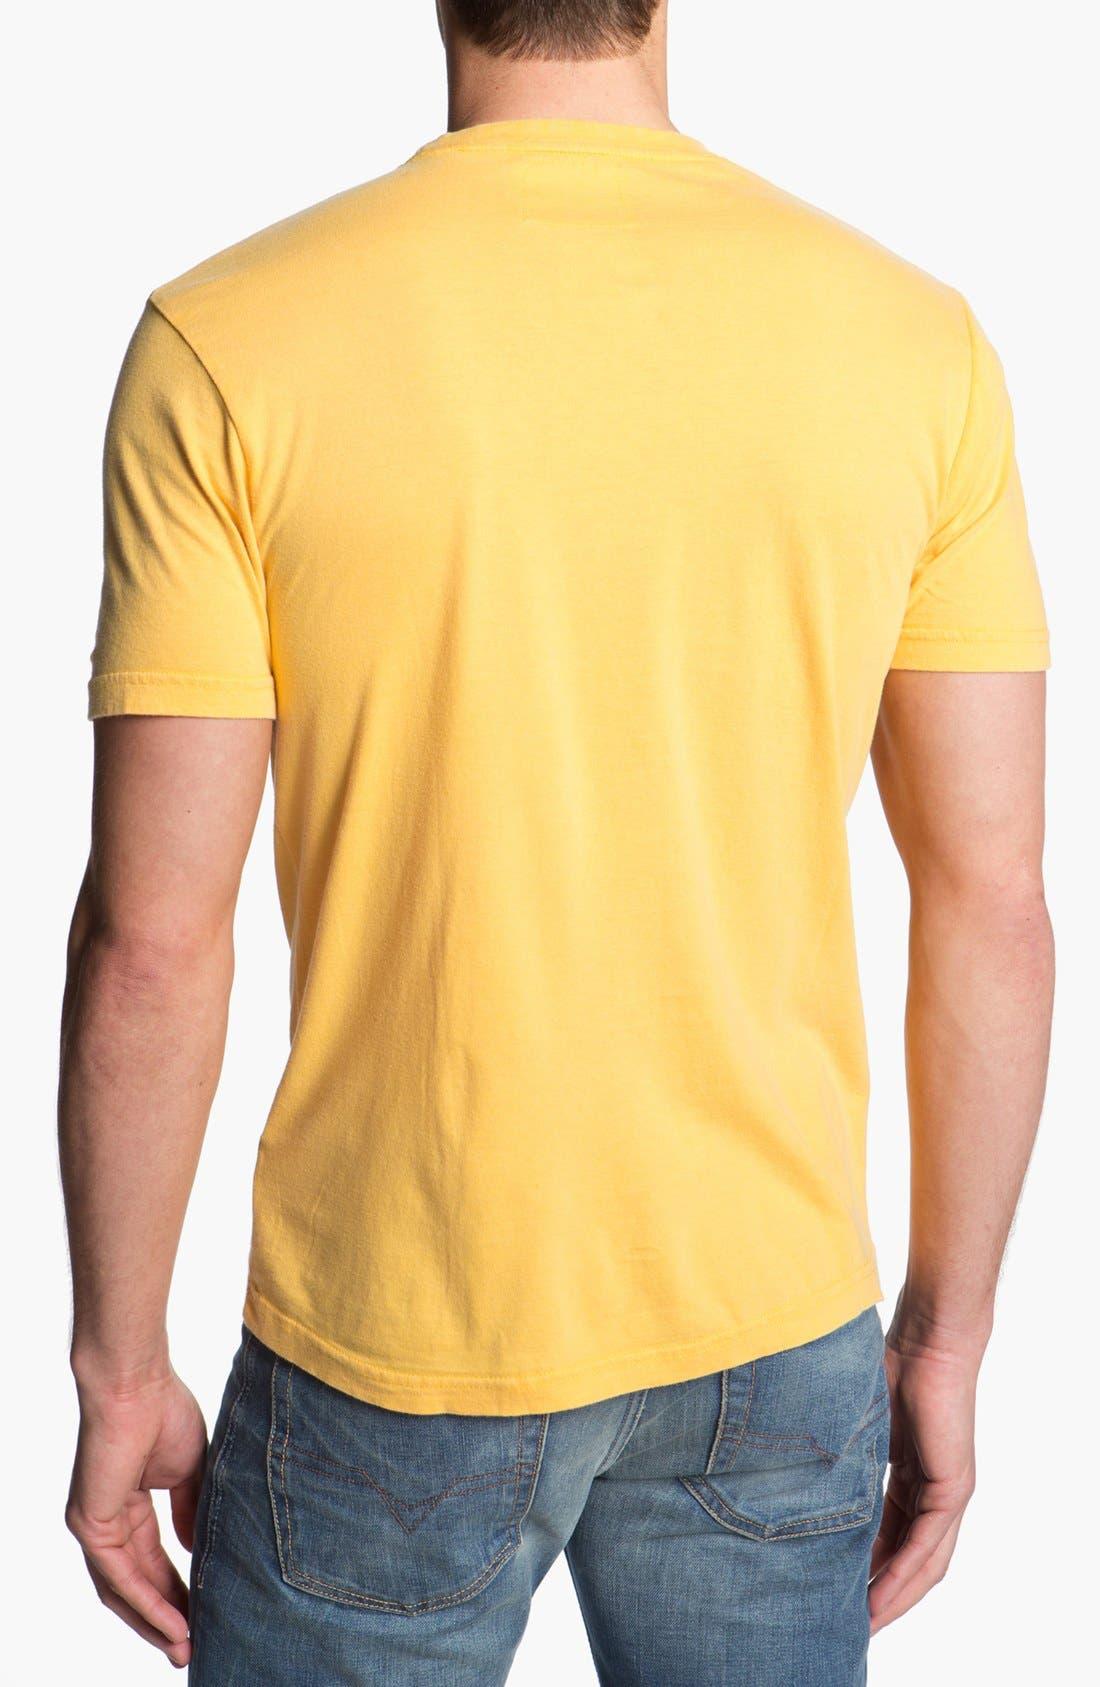 Alternate Image 2  - Red Jacket 'Fishing - Brass Tacks' T-Shirt